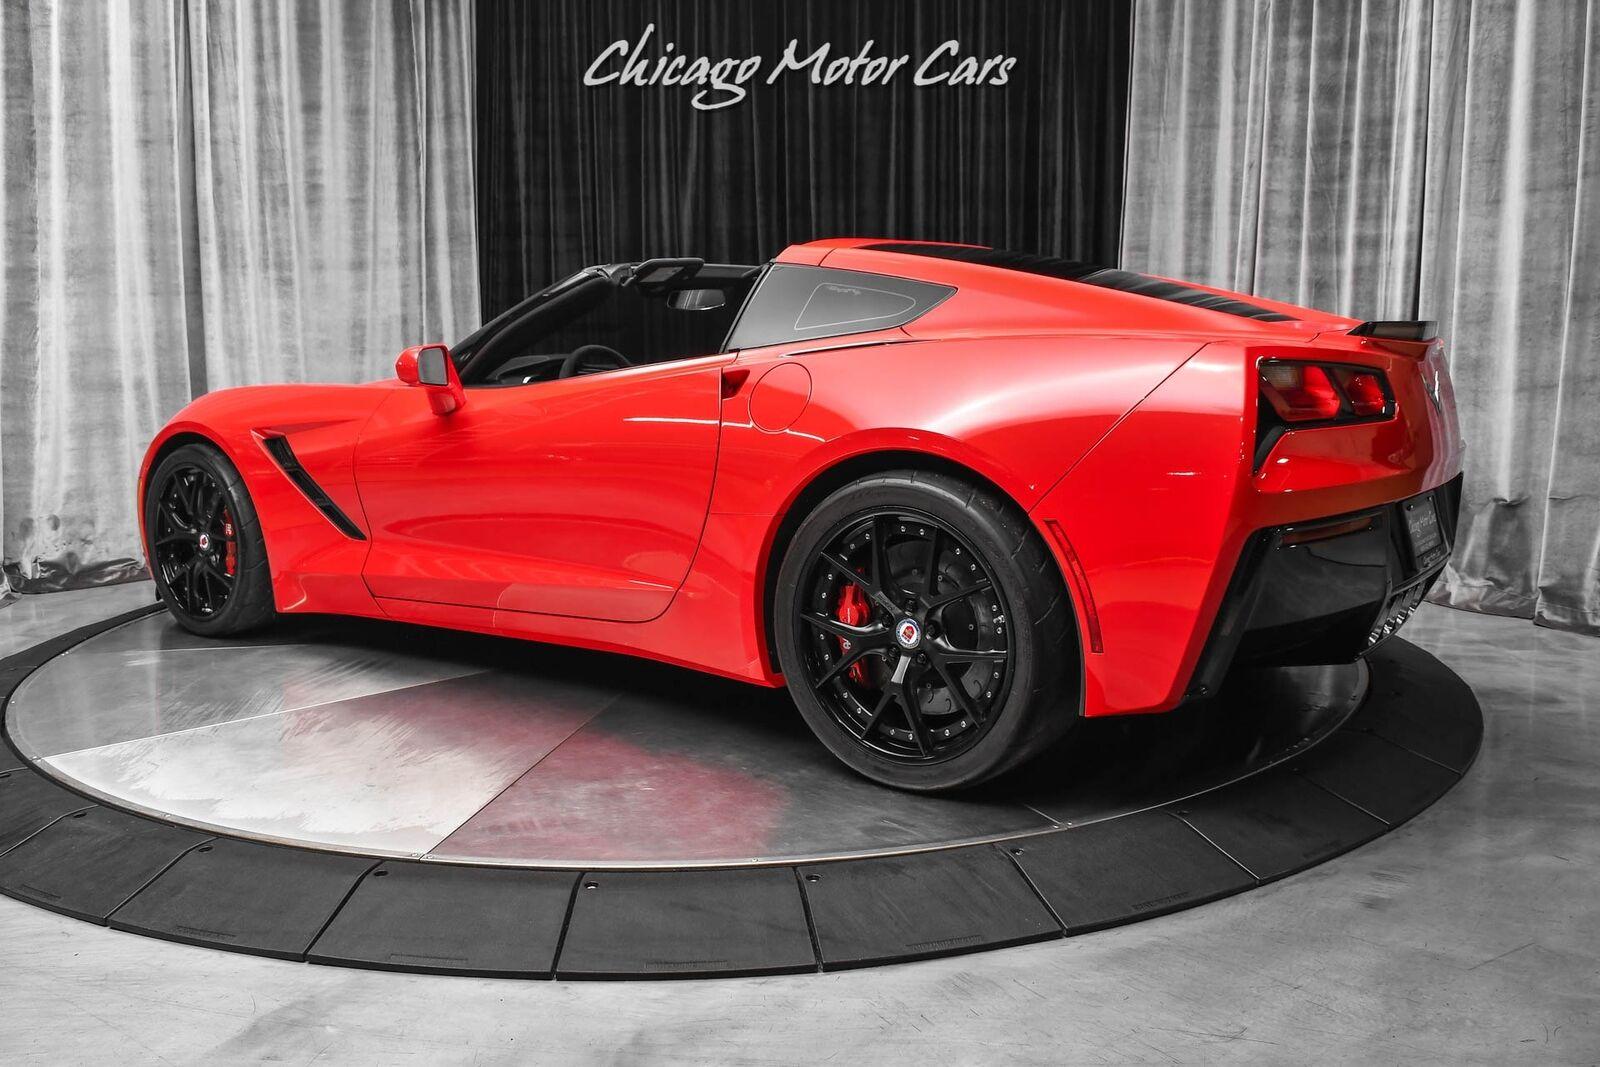 2014 Red Chevrolet Corvette Stingray 2LT | C7 Corvette Photo 3